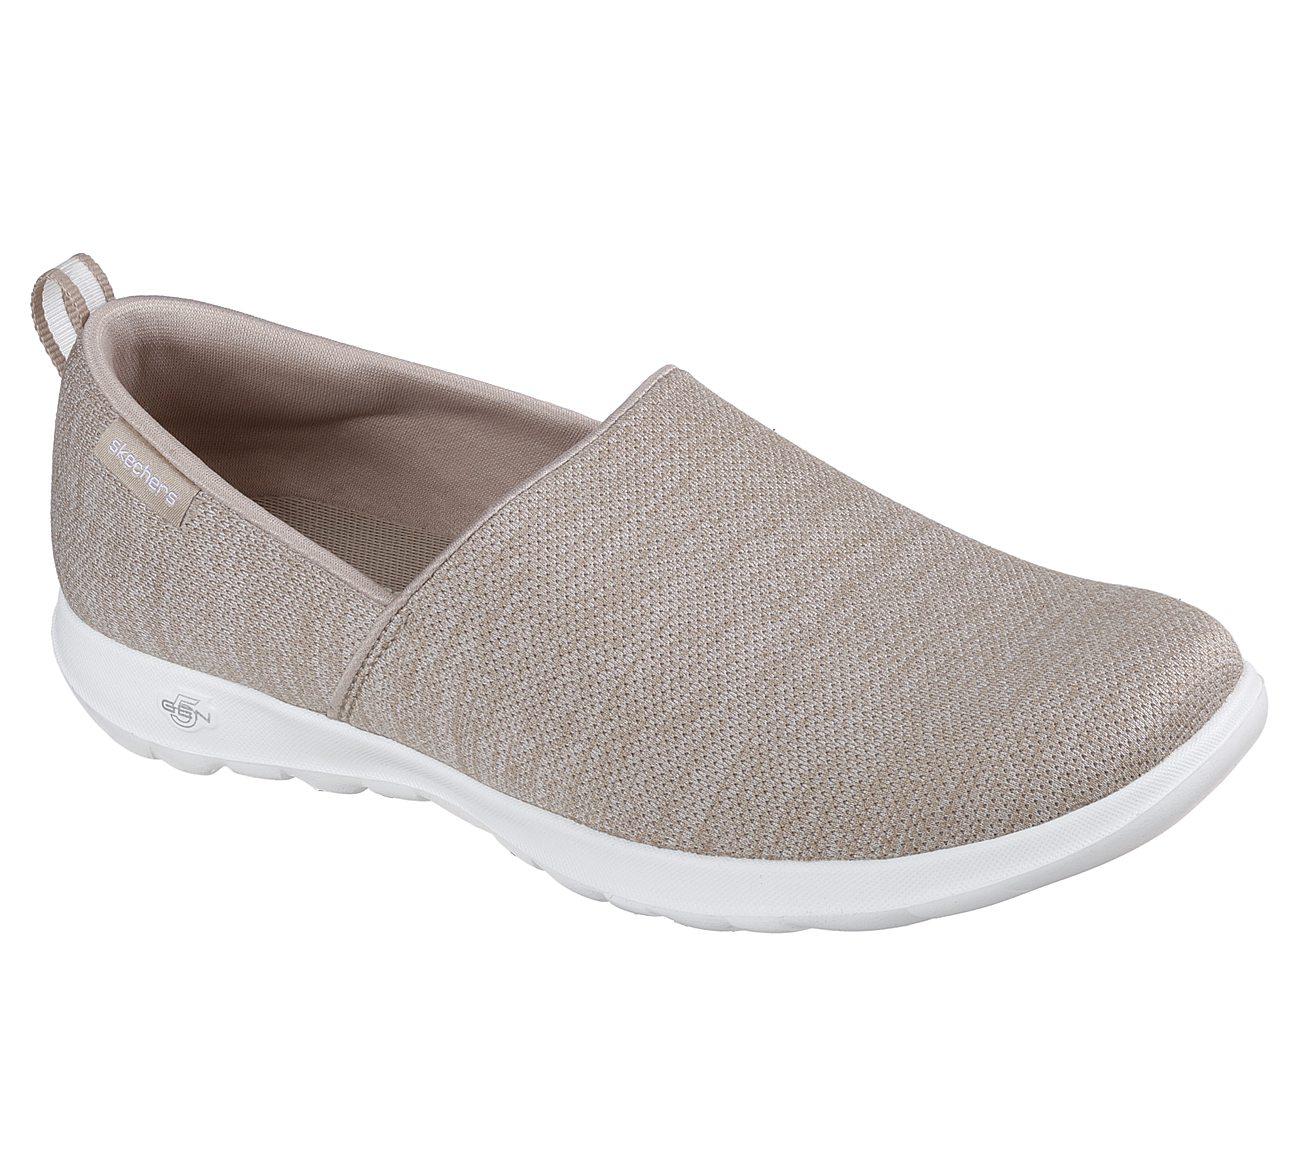 Skechers Go Walk Lite Slip On Women Walking Shoes Sneakers Pick 1